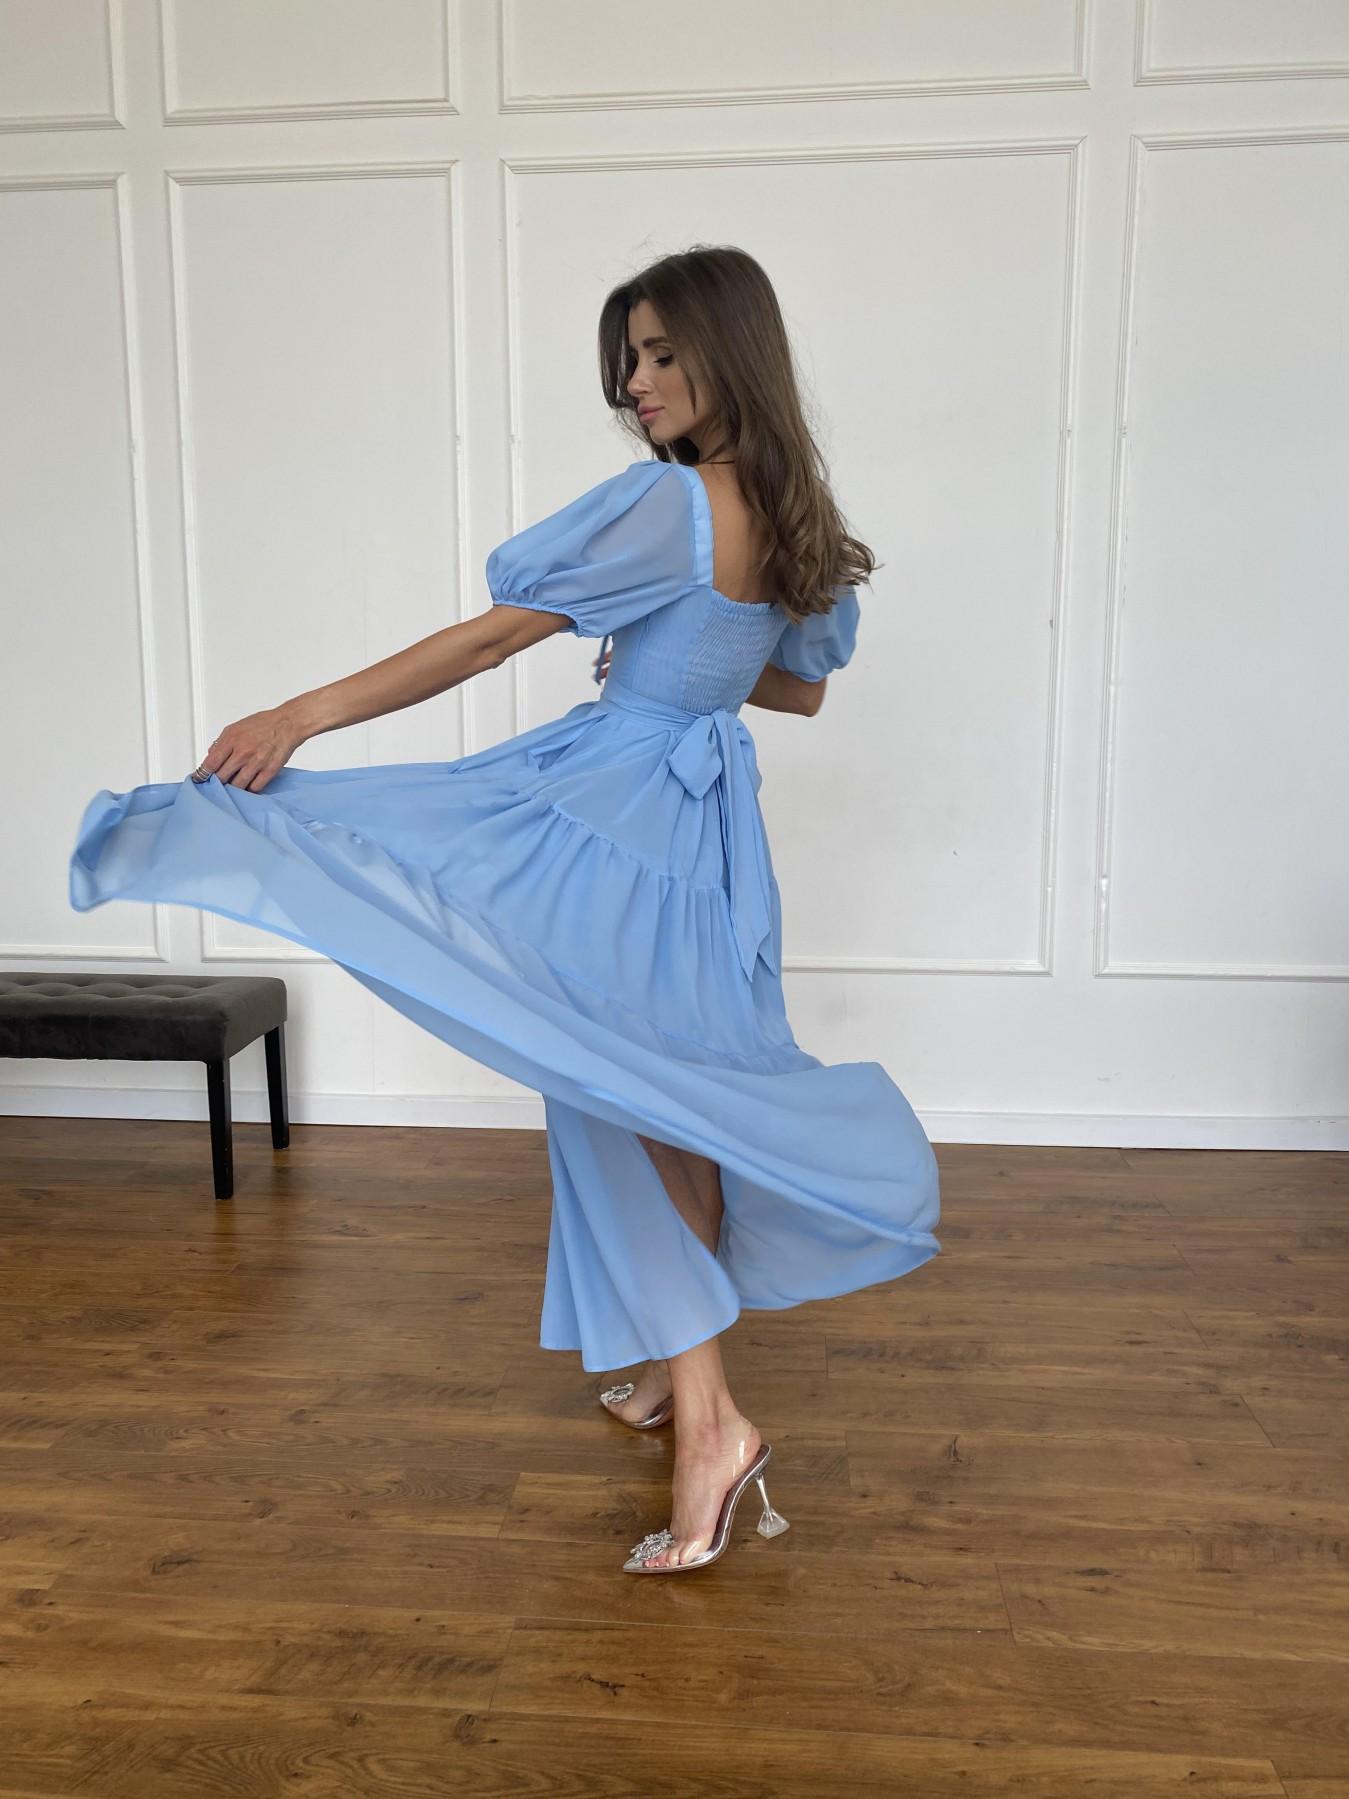 Сейшелы платье креп шифон 11519 АРТ. 48250 Цвет: Голубой 029 - фото 1, интернет магазин tm-modus.ru